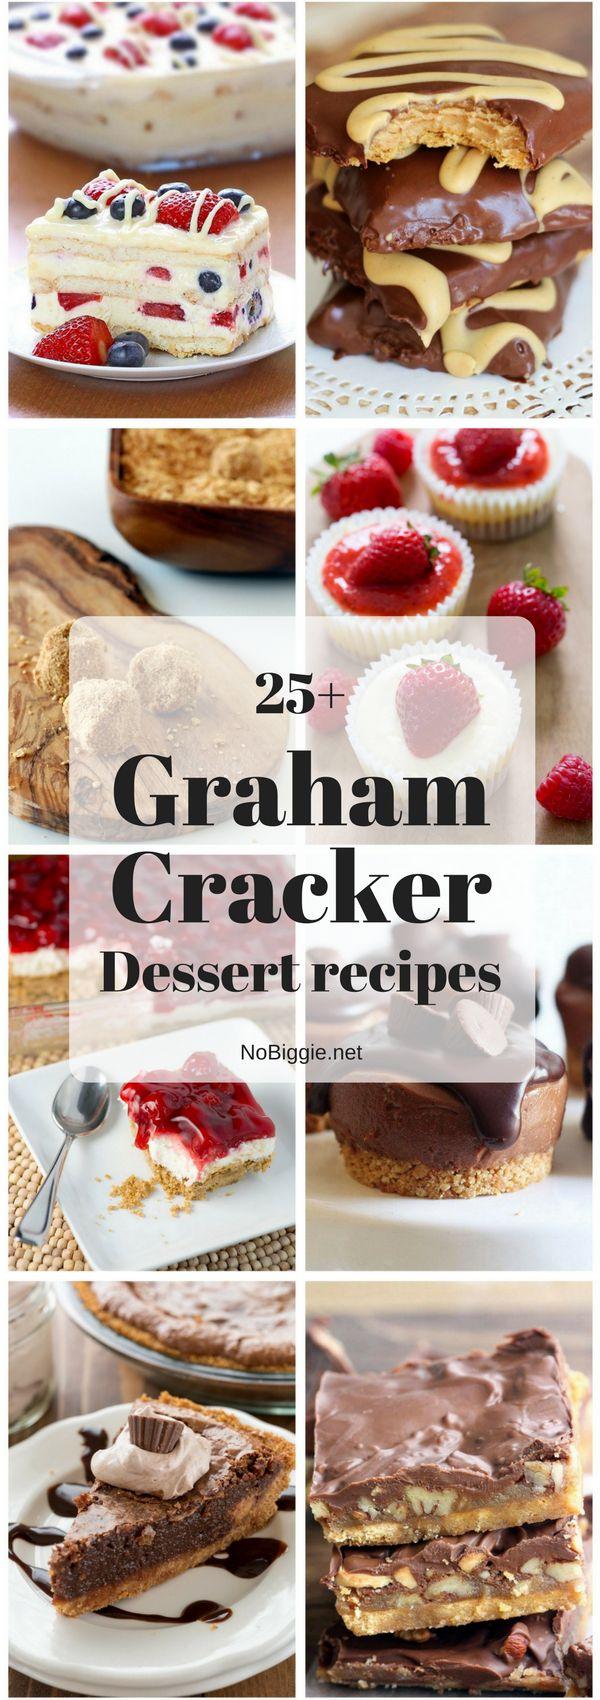 25+ Graham Cracker Dessert recipes | NoBiggie.net